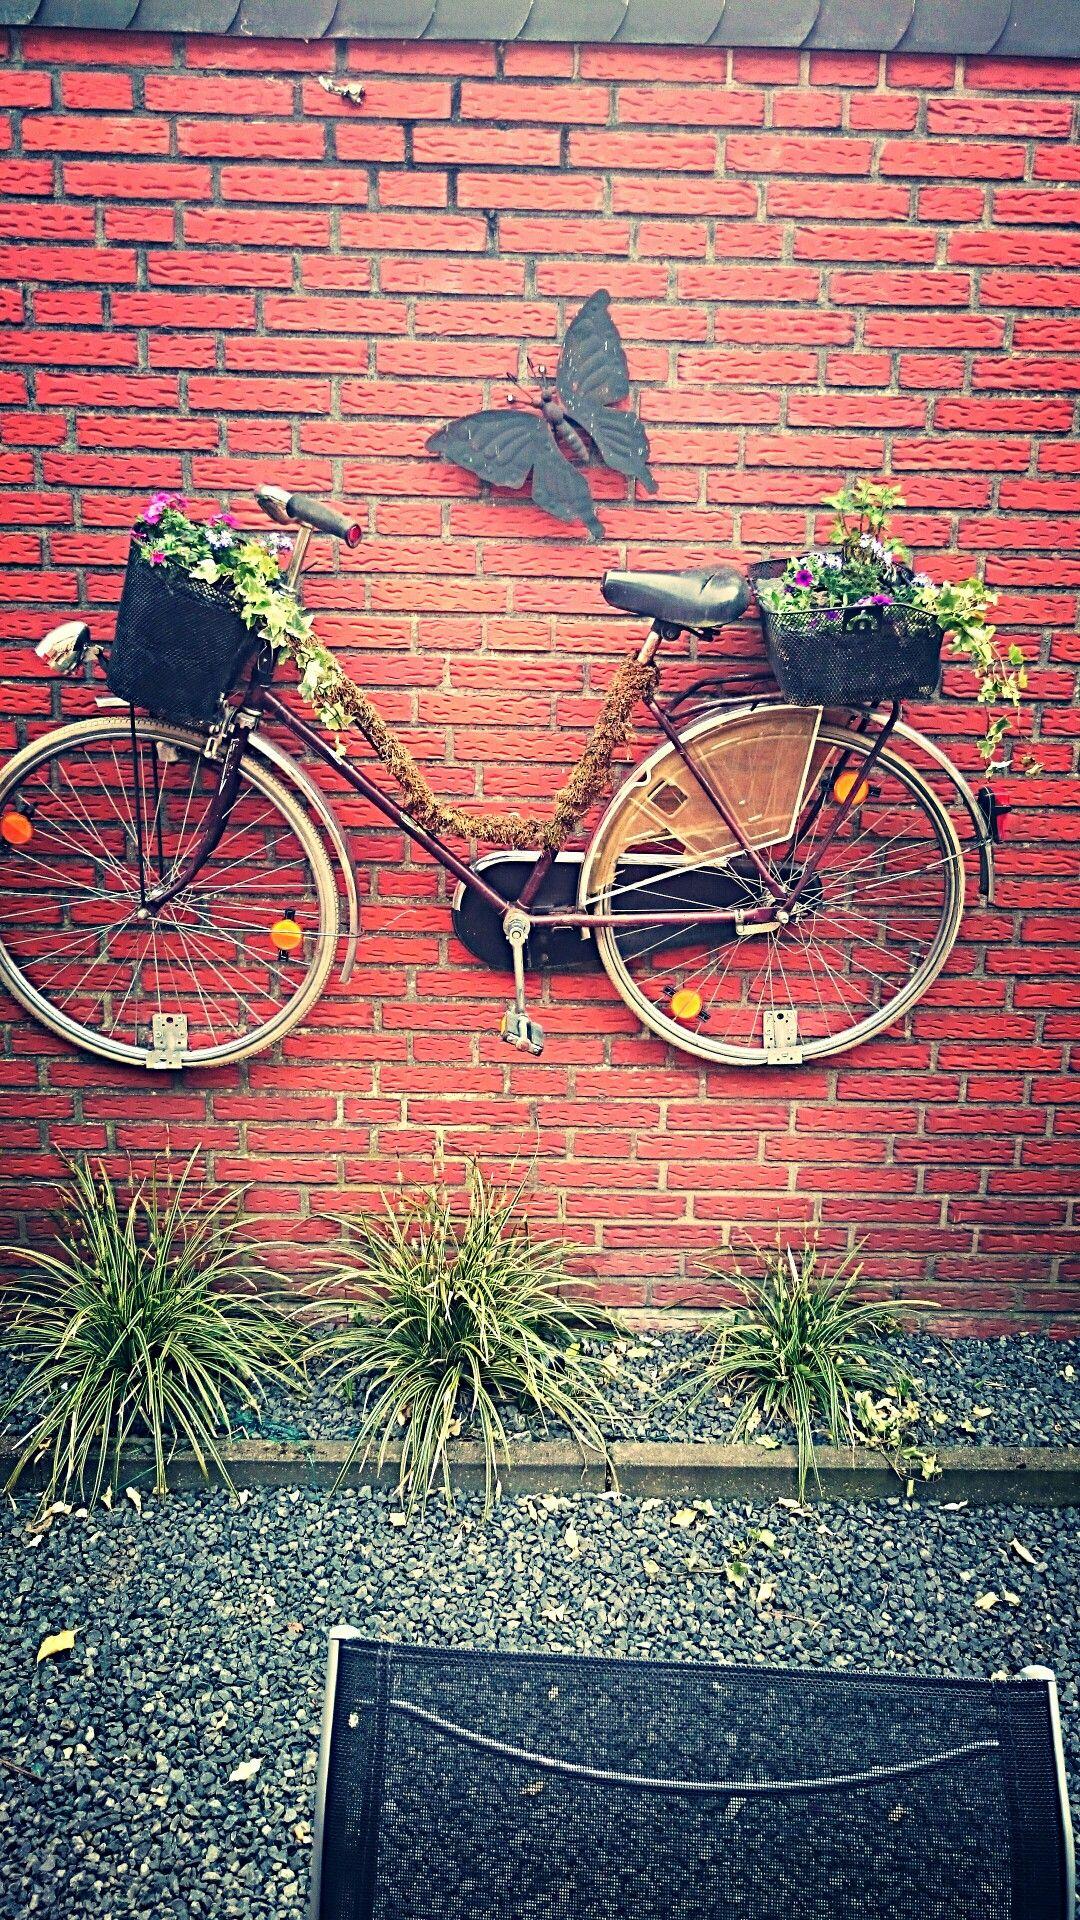 garten dekoration aus einem alten fahrrad deko altes fahrrad fahrrad und deko. Black Bedroom Furniture Sets. Home Design Ideas